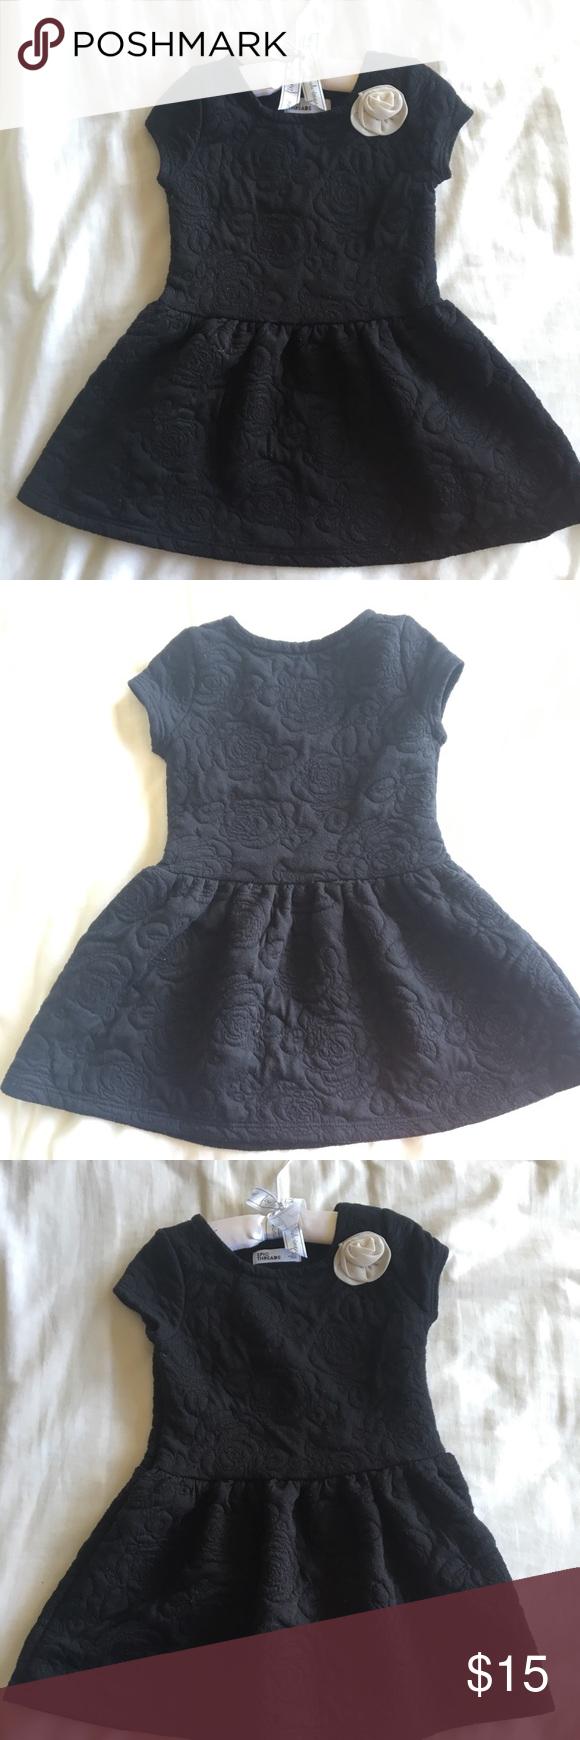 Epic Threads 2t Little Black Dress Little Black Dress Clothes Design Dresses [ 1740 x 580 Pixel ]